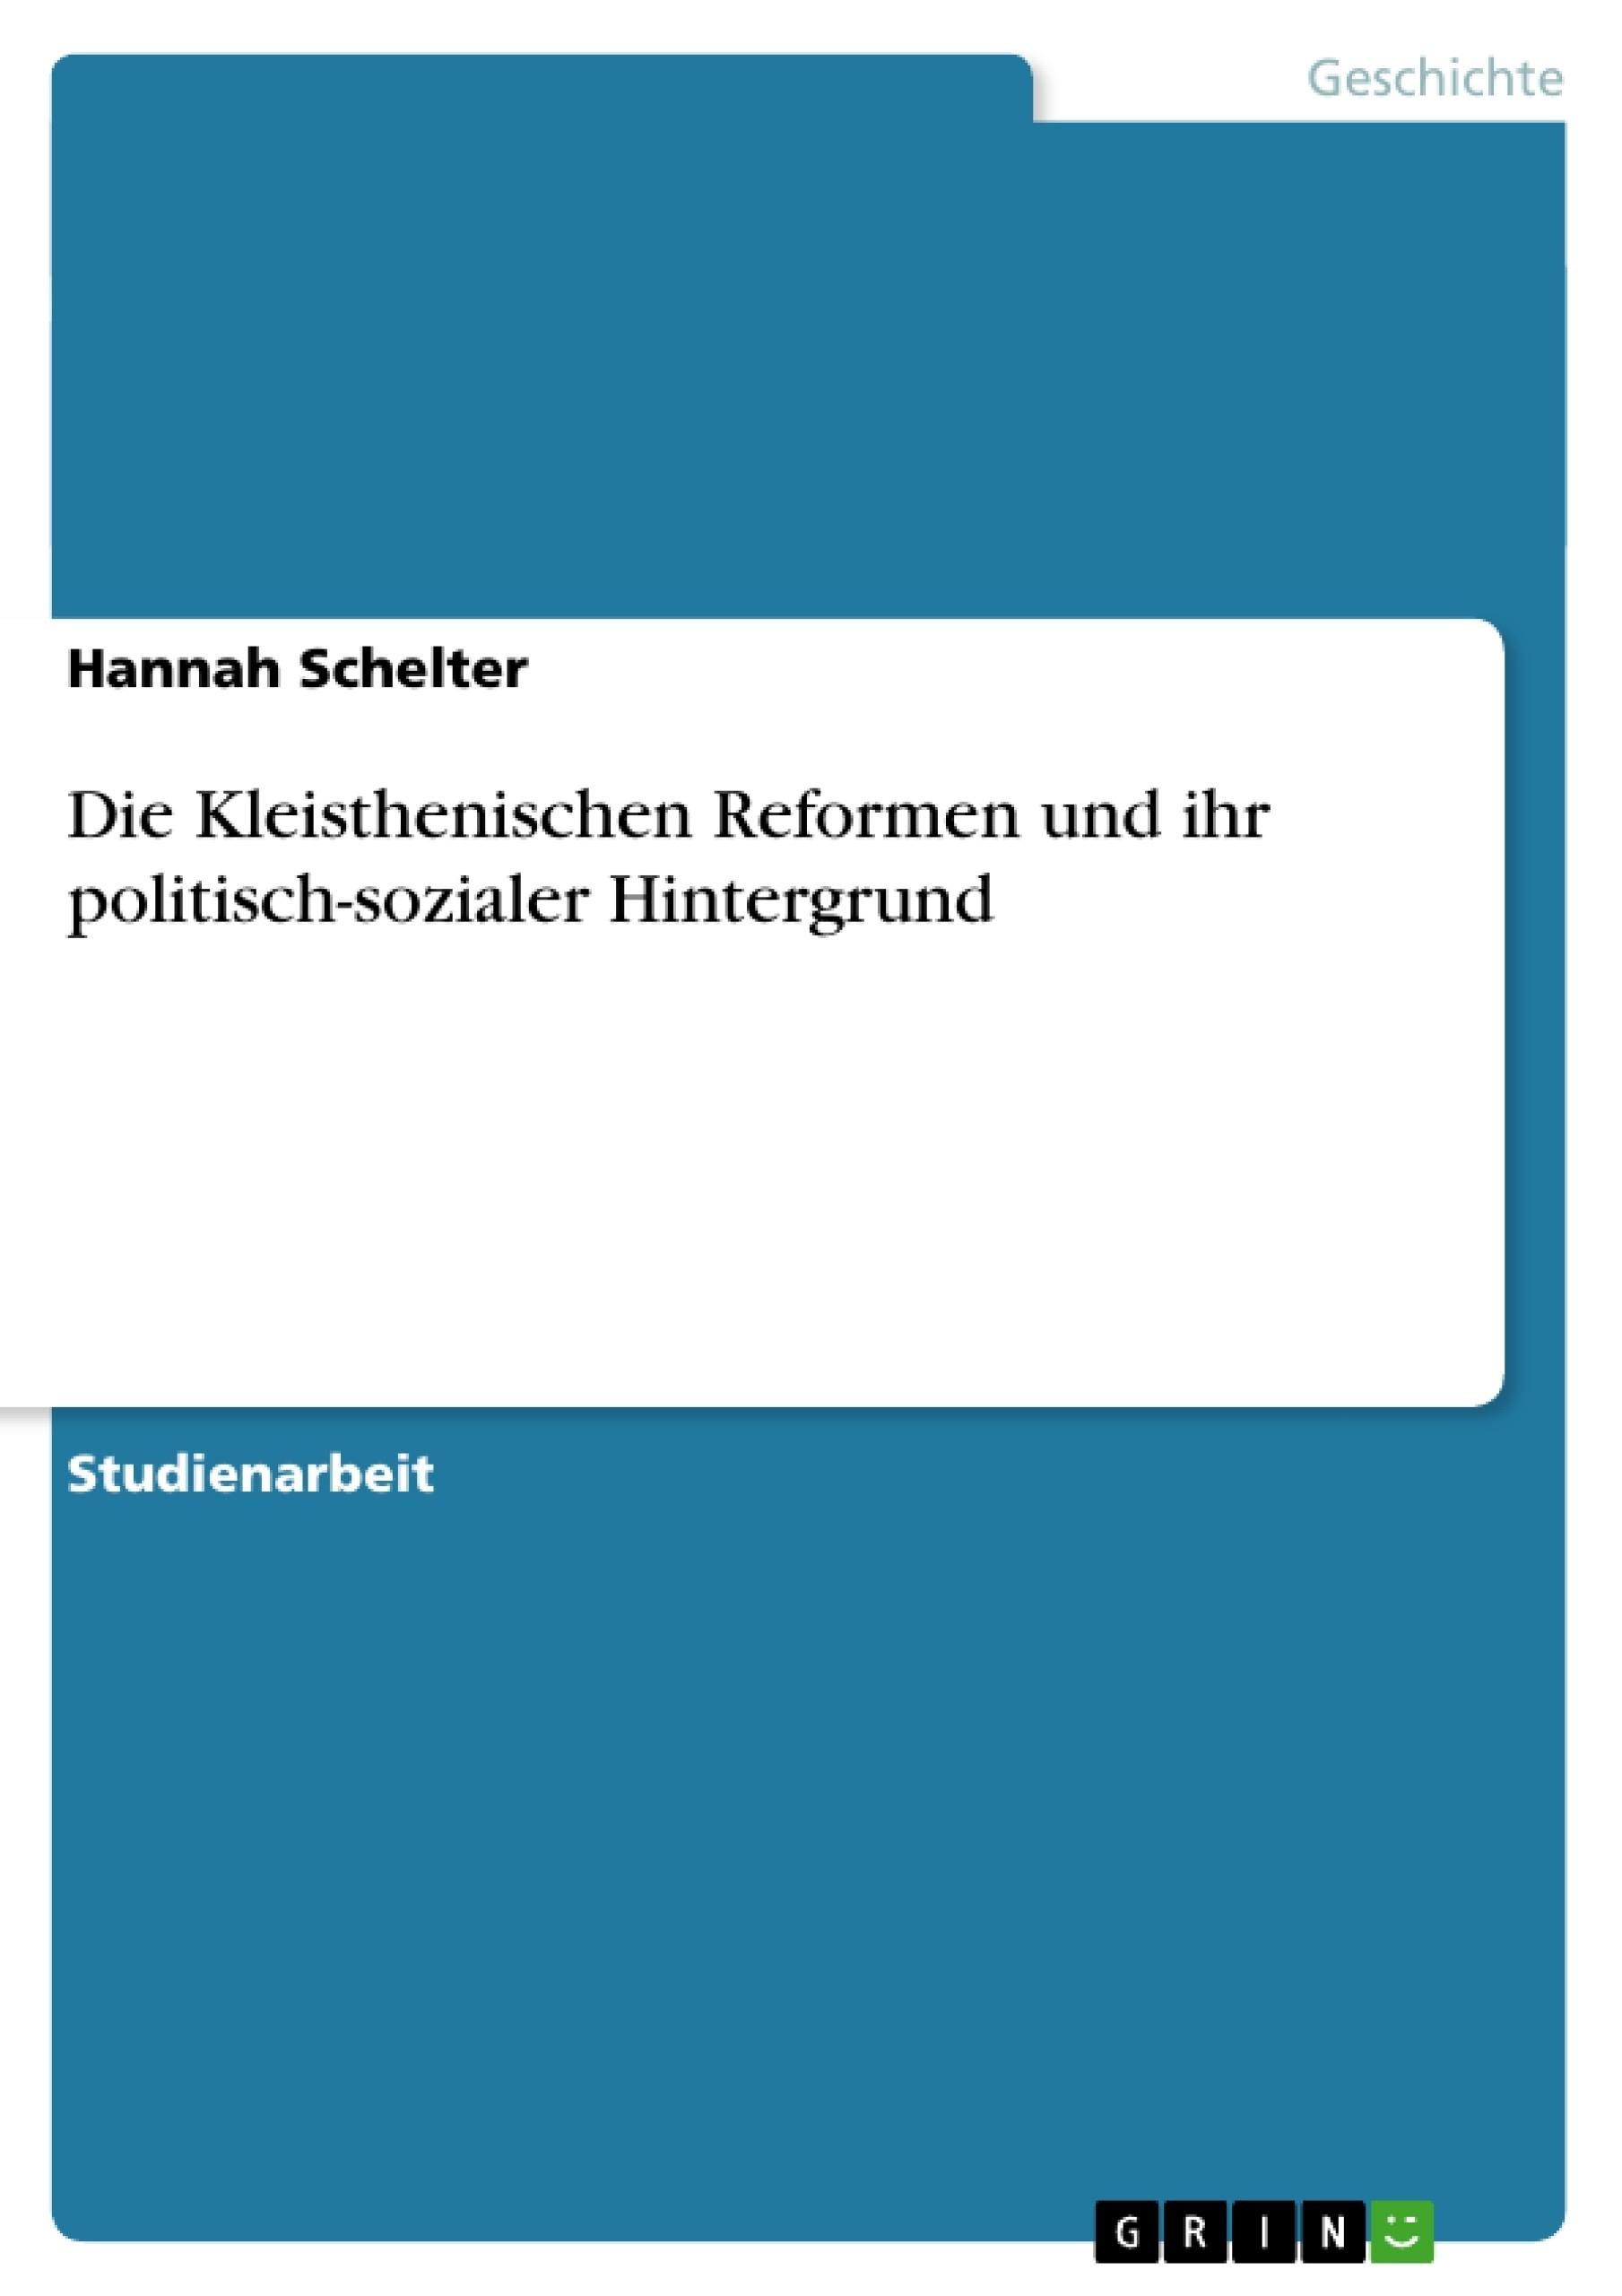 Titel: Die Kleisthenischen Reformen und ihr politisch-sozialer Hintergrund